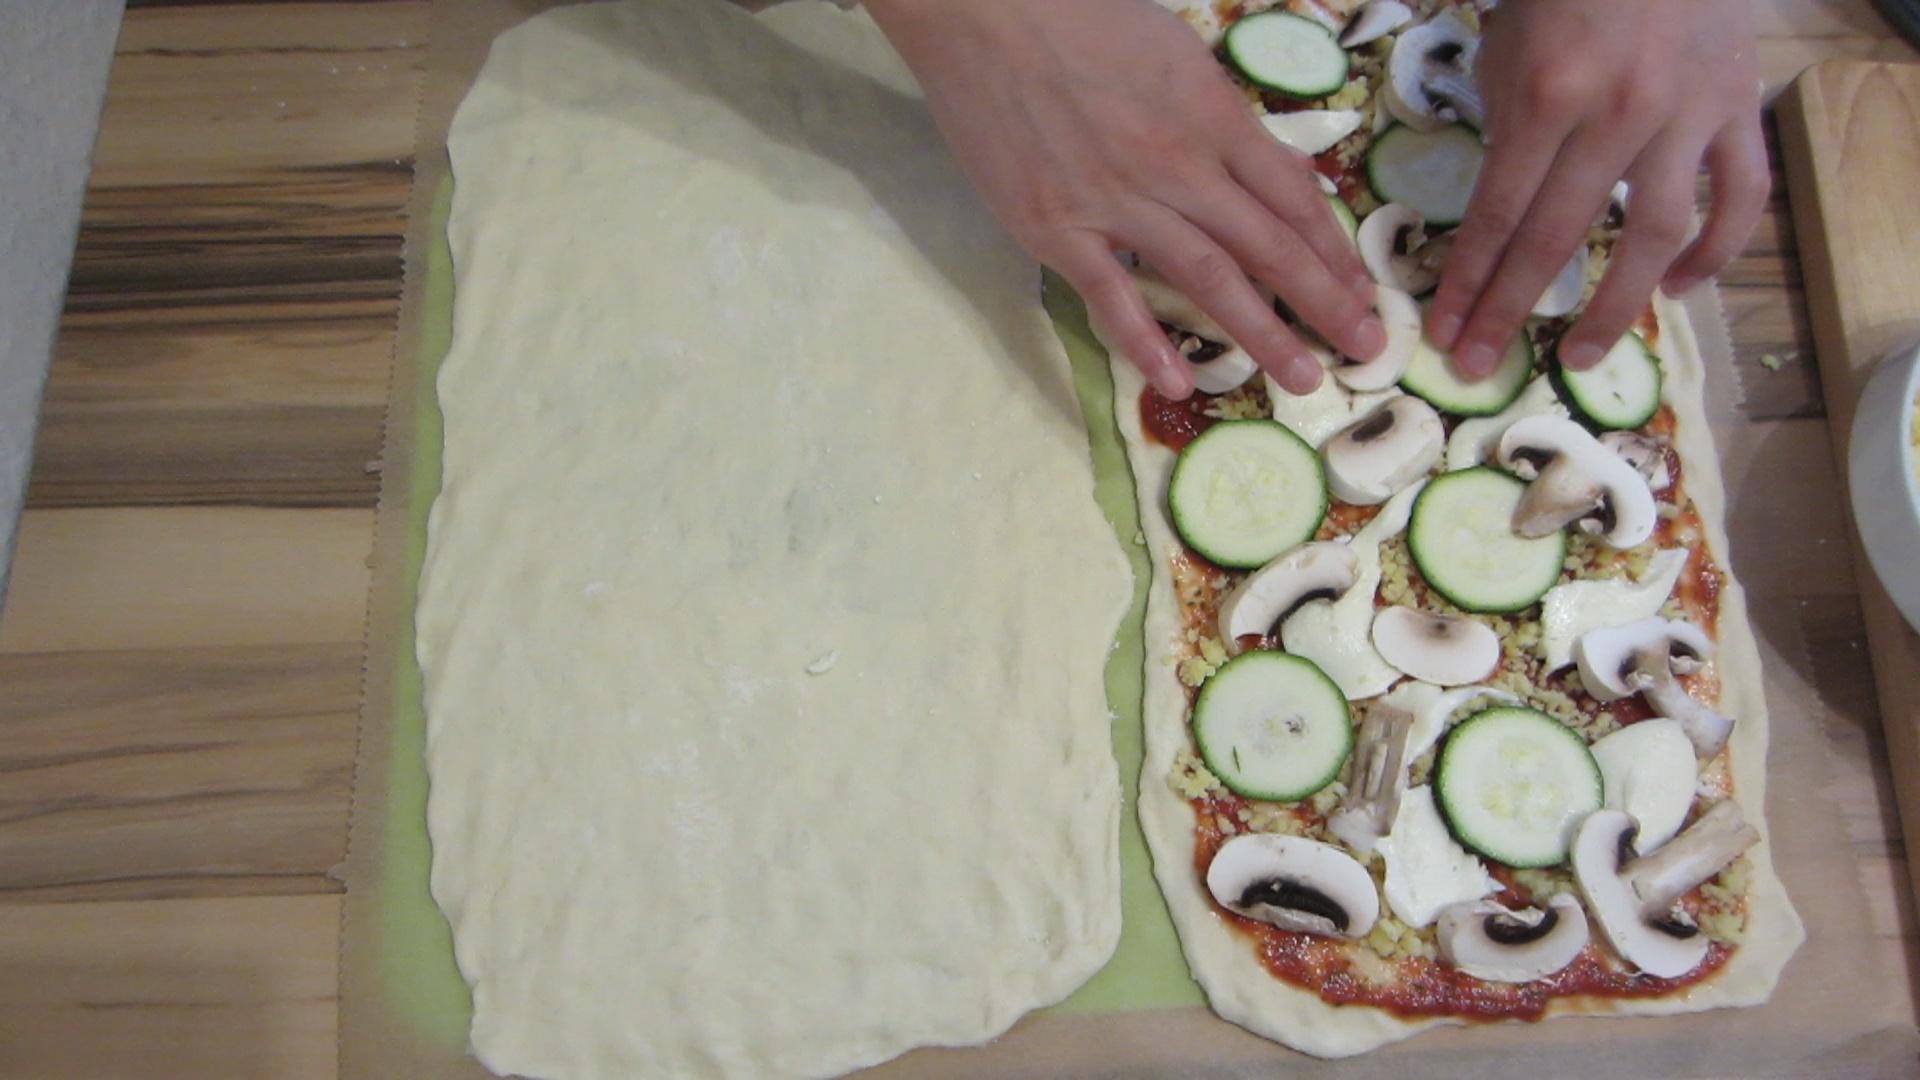 2014-05-02-Homemade-Pizza-taste-like-in-an-Italian-restaurant-26.jpg